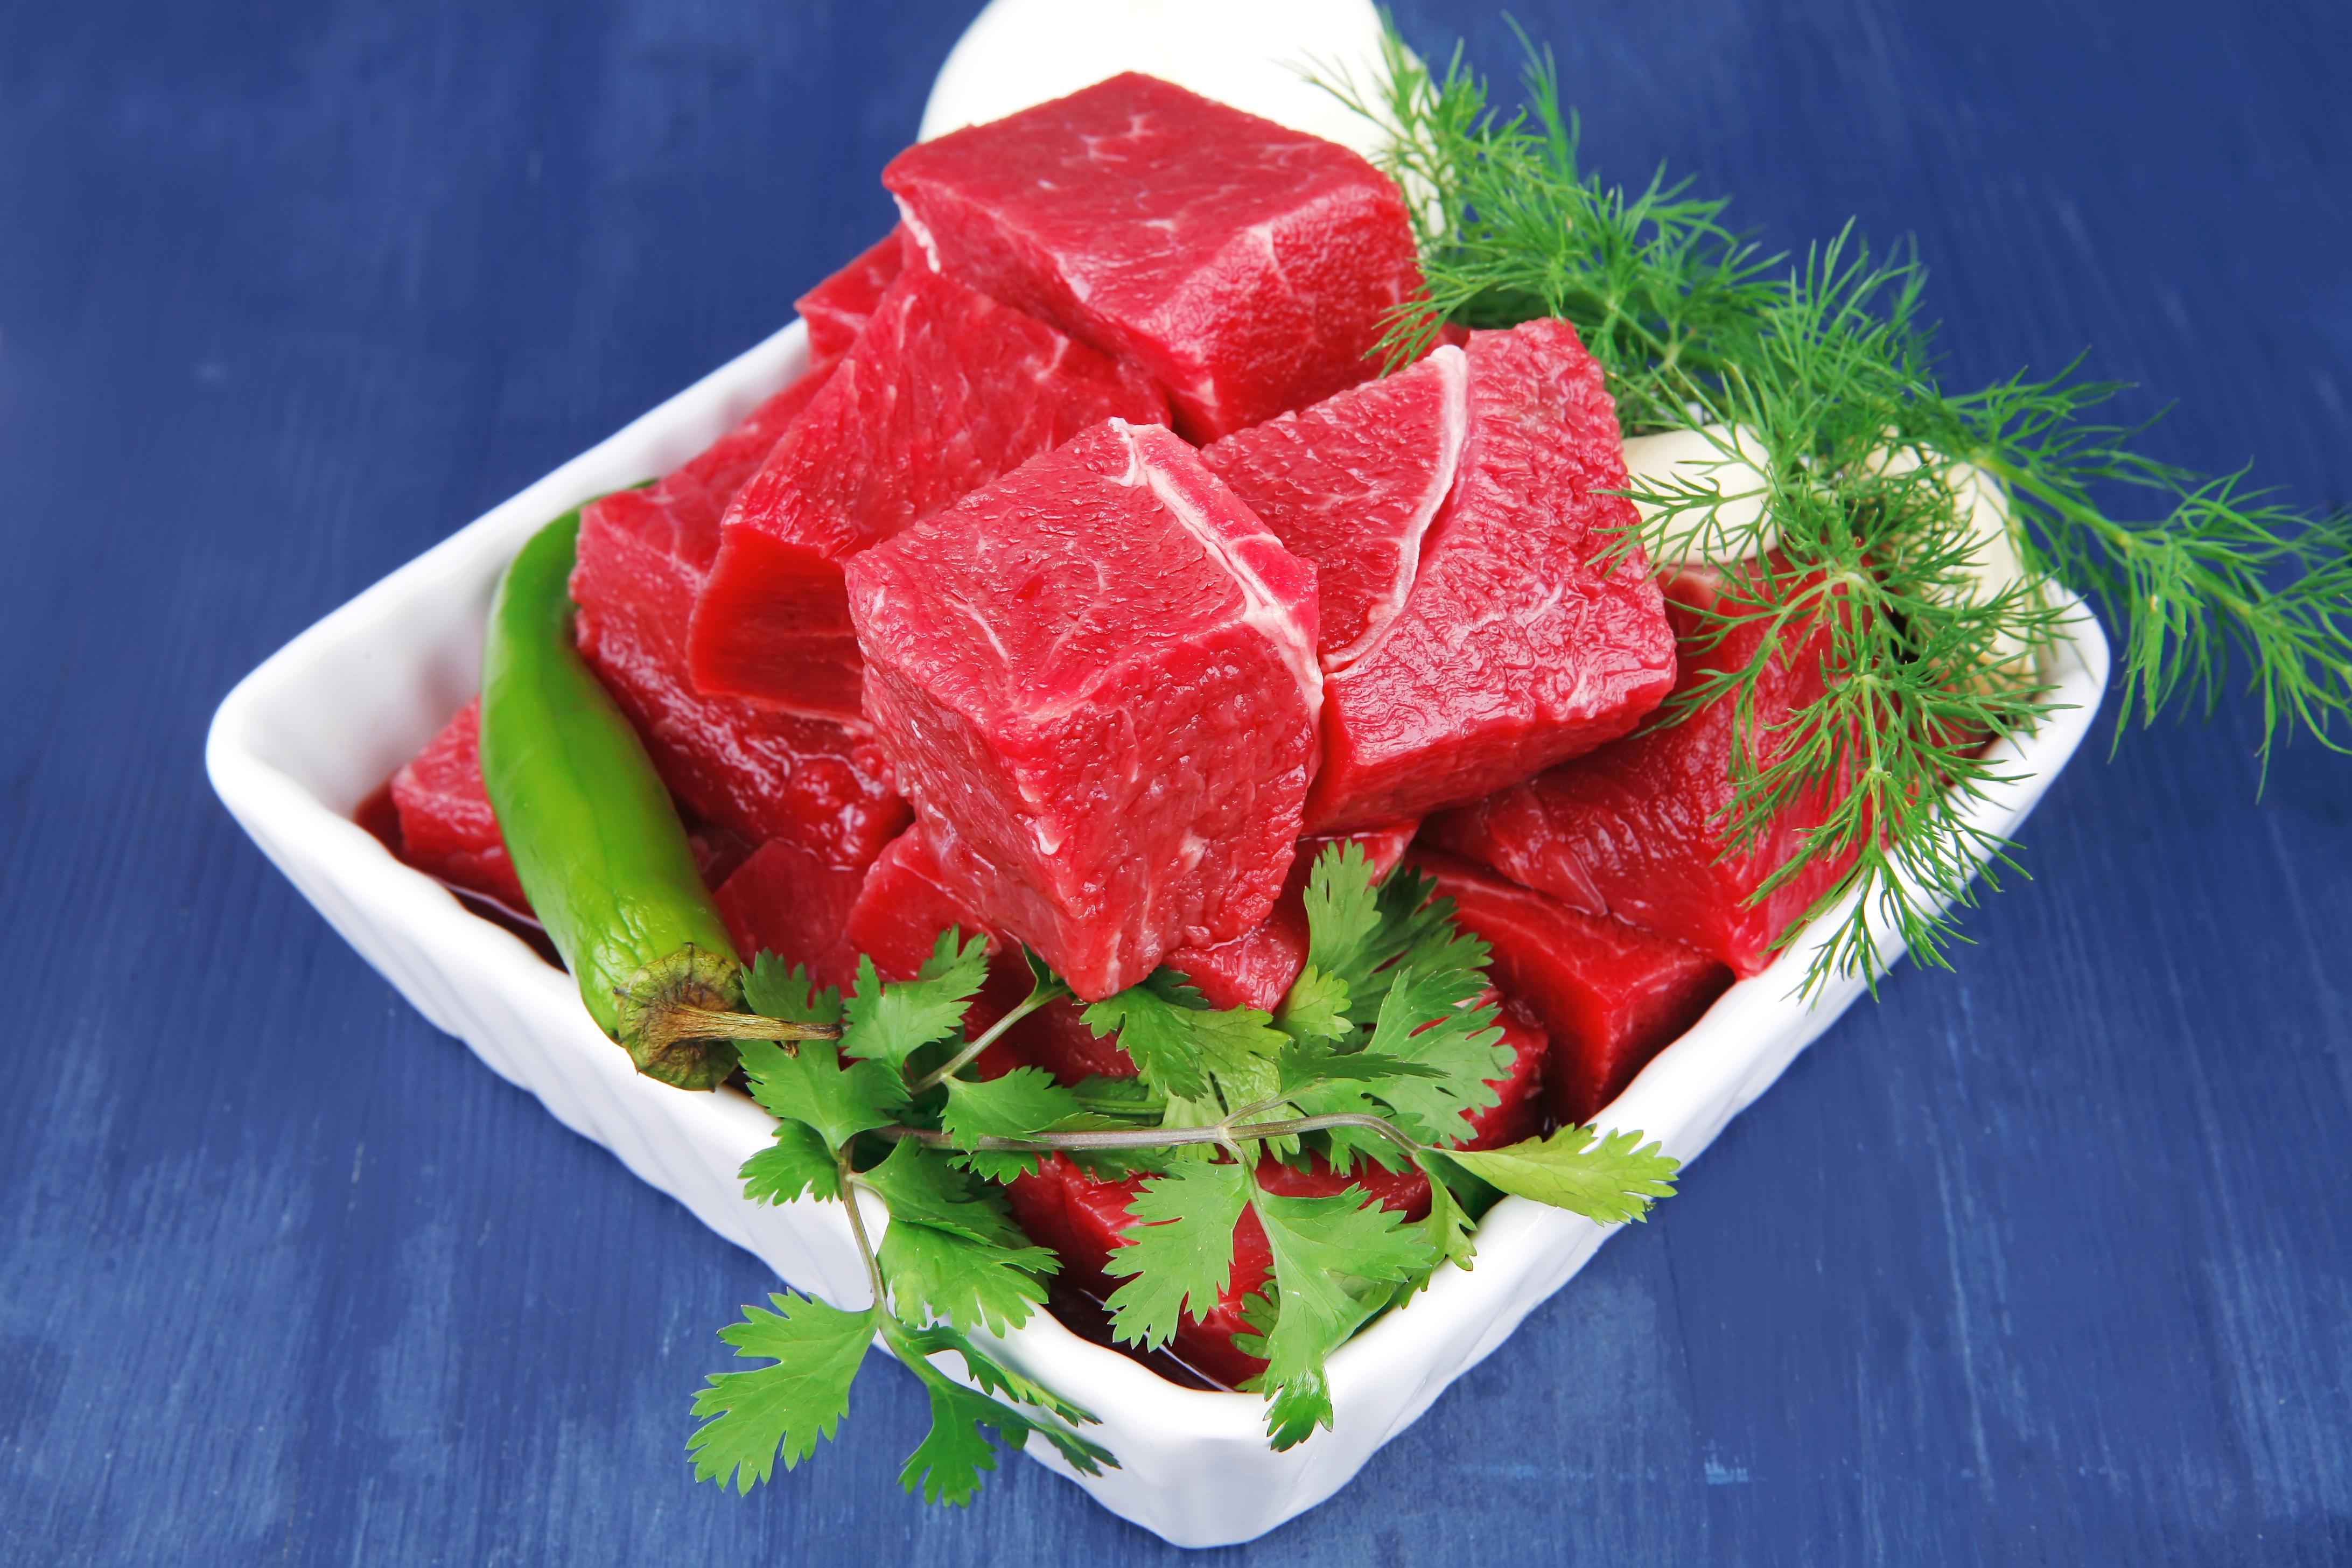 Köttallergi är svårdiagnostiserat, relativt ovanligt och generellt något som varken läkare eller patienter har i åtanke.